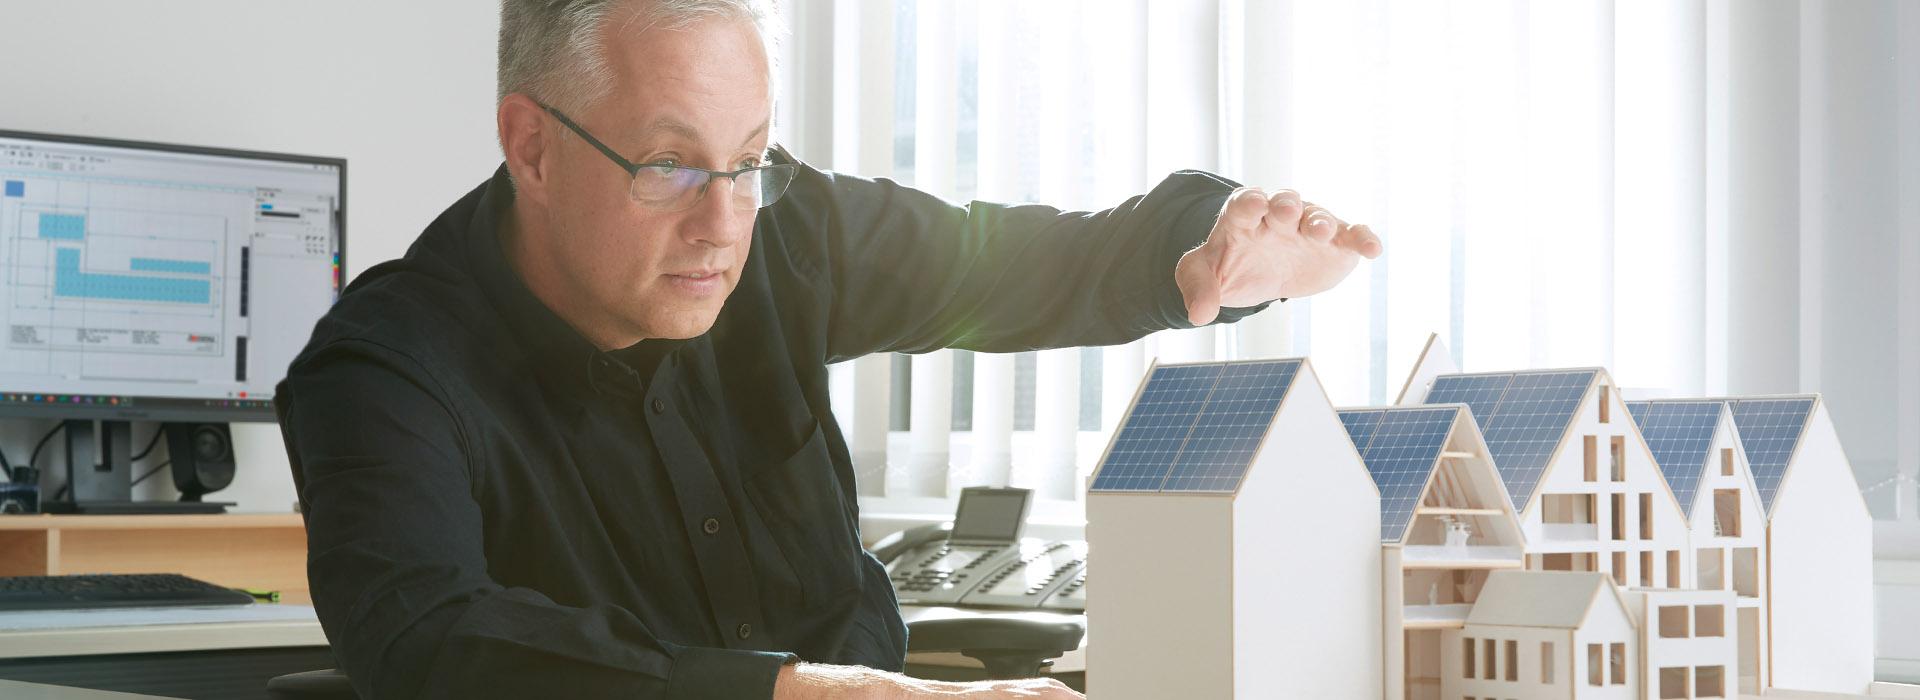 Energielösungen: Eine Fachkraft für Elektrotechnik veranschaulicht seine Vision anhand von einer Haus-Miniatur